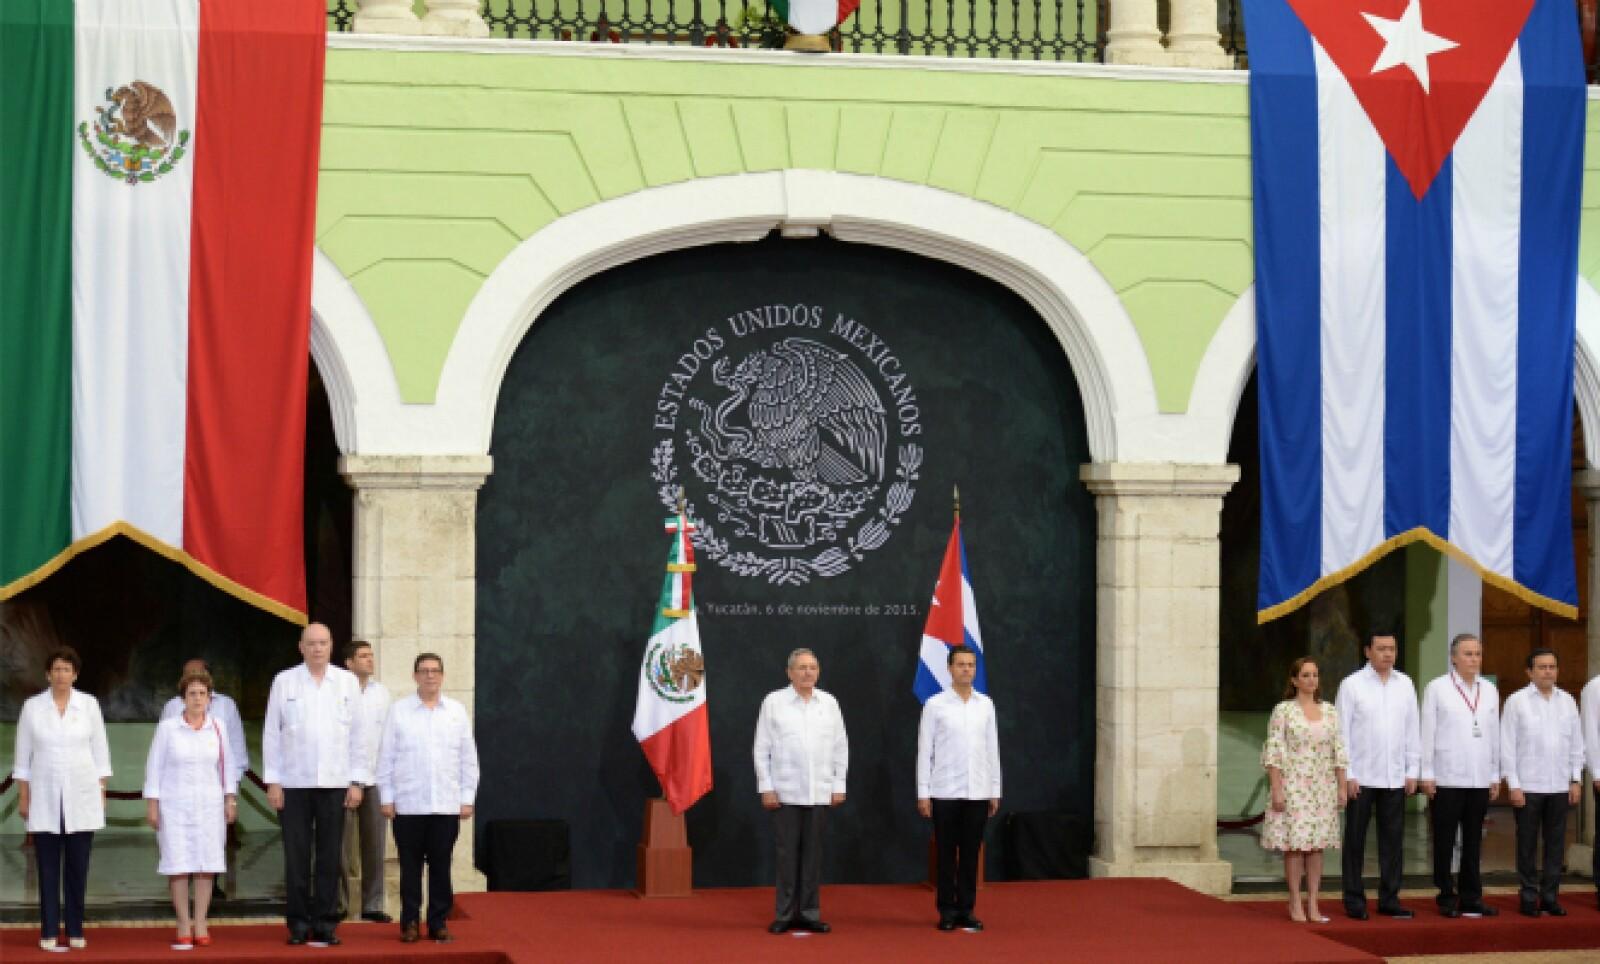 Durante el acto protocolario se cantaron los himnos de ambas naciones.